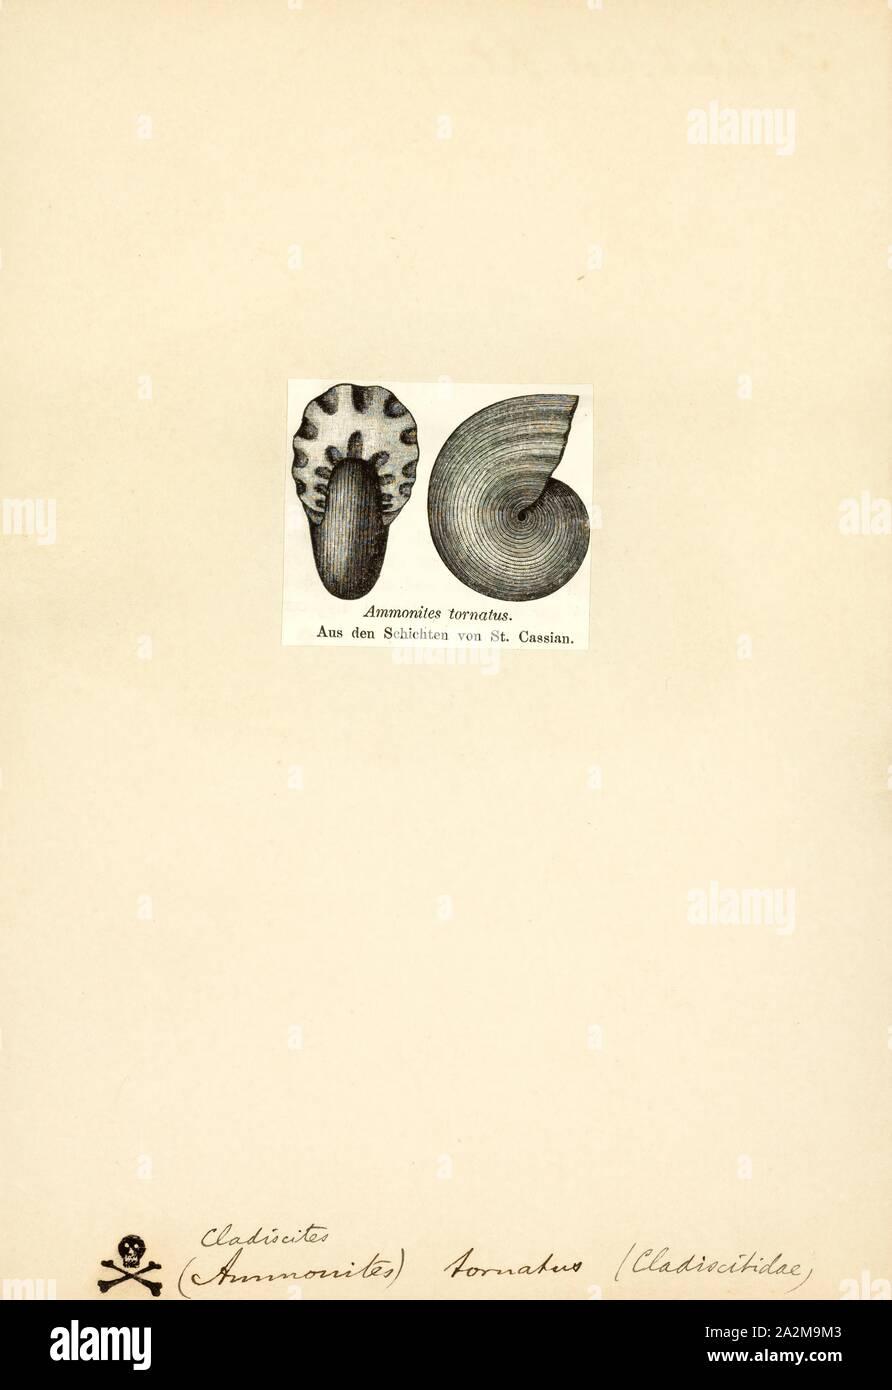 Cladiscites, Drucken, Cladiscites ist eine ausgestorbene Gattung der Kopffüßer in der ammonoid Ceratitida Ordnung. Diese nektonic Fleischfresser während der Trias lebte, von Carnian zu Rhätische Alter Stockfoto